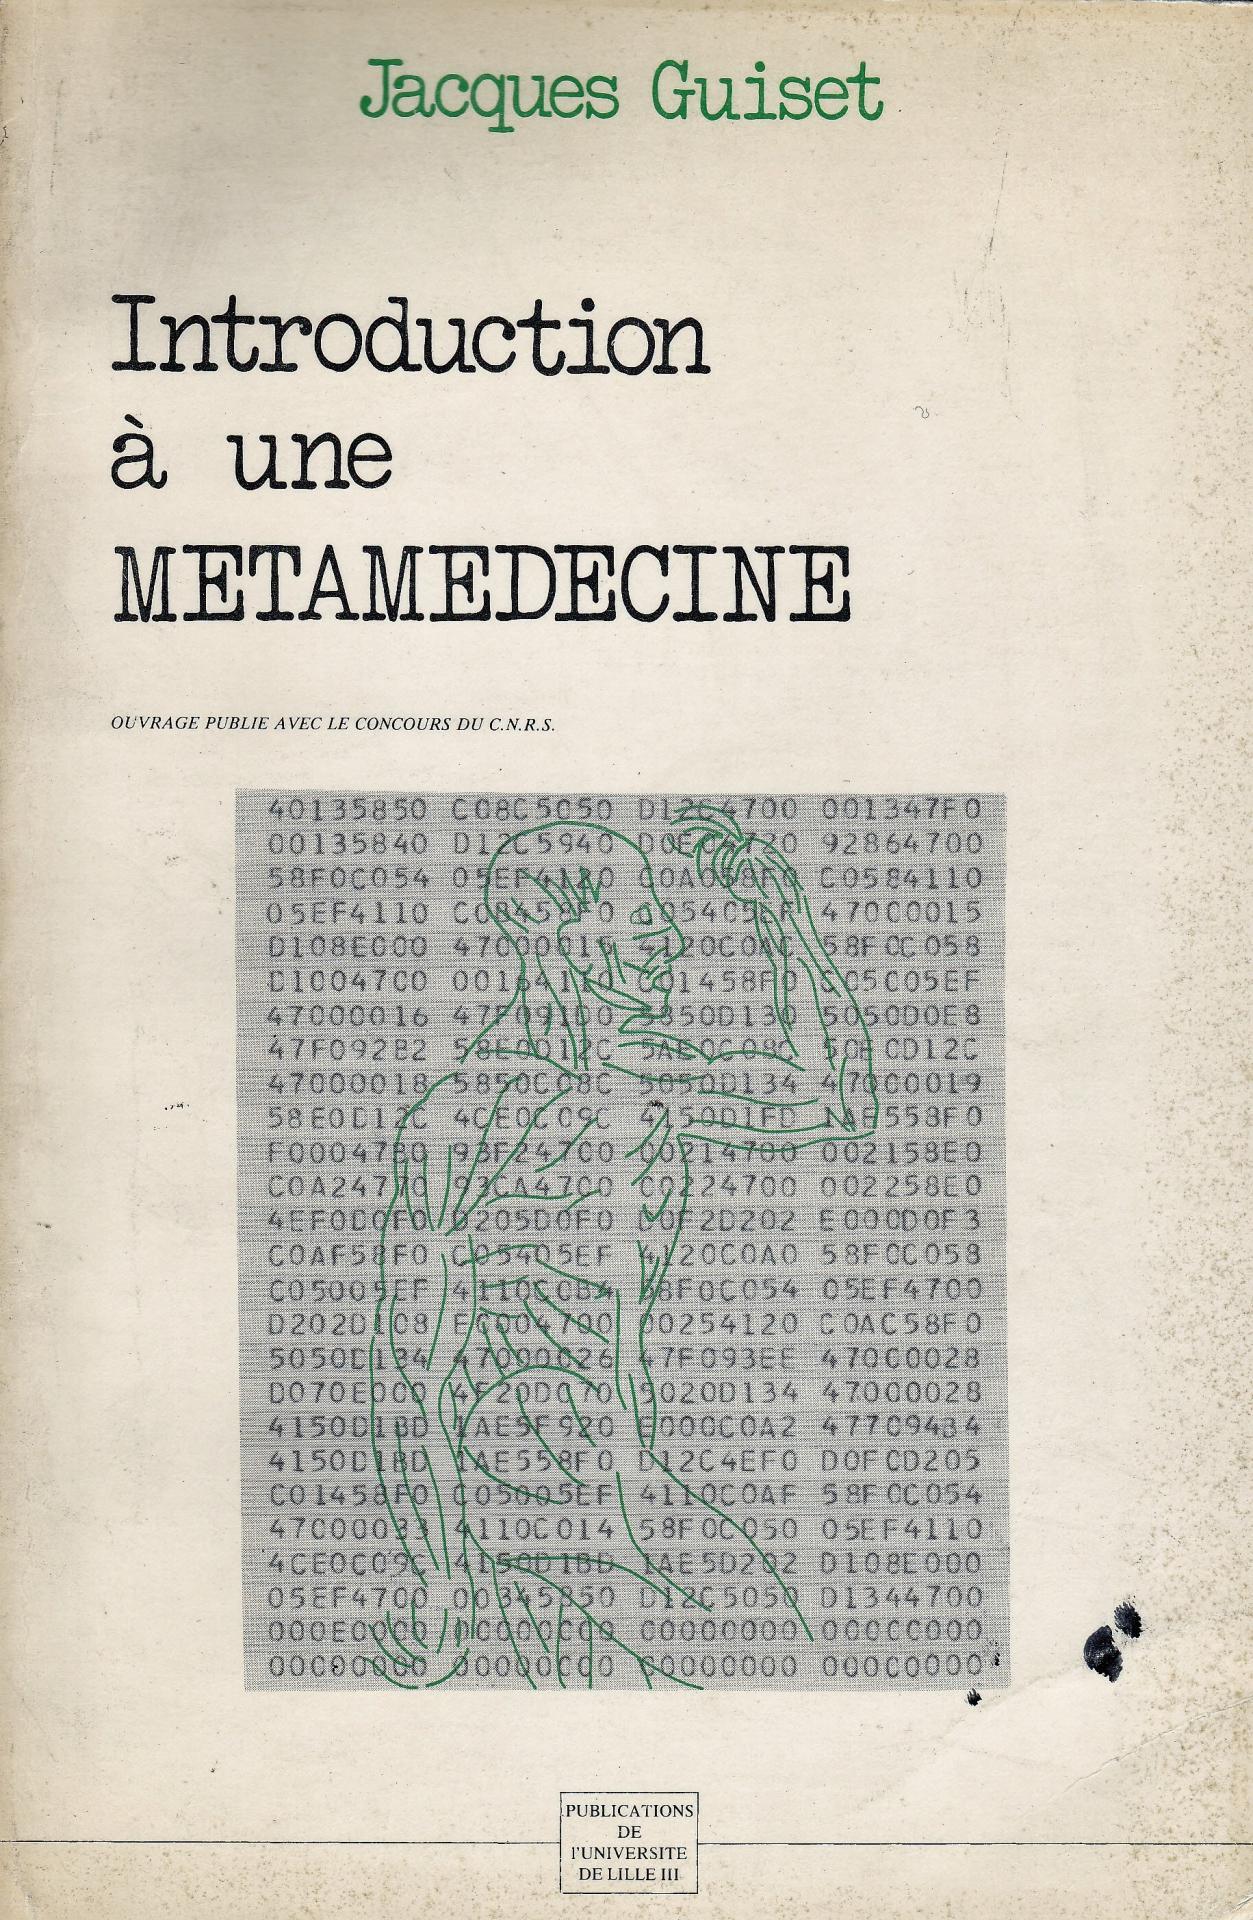 Guiset jacques introduction a une metamedecine une de couv